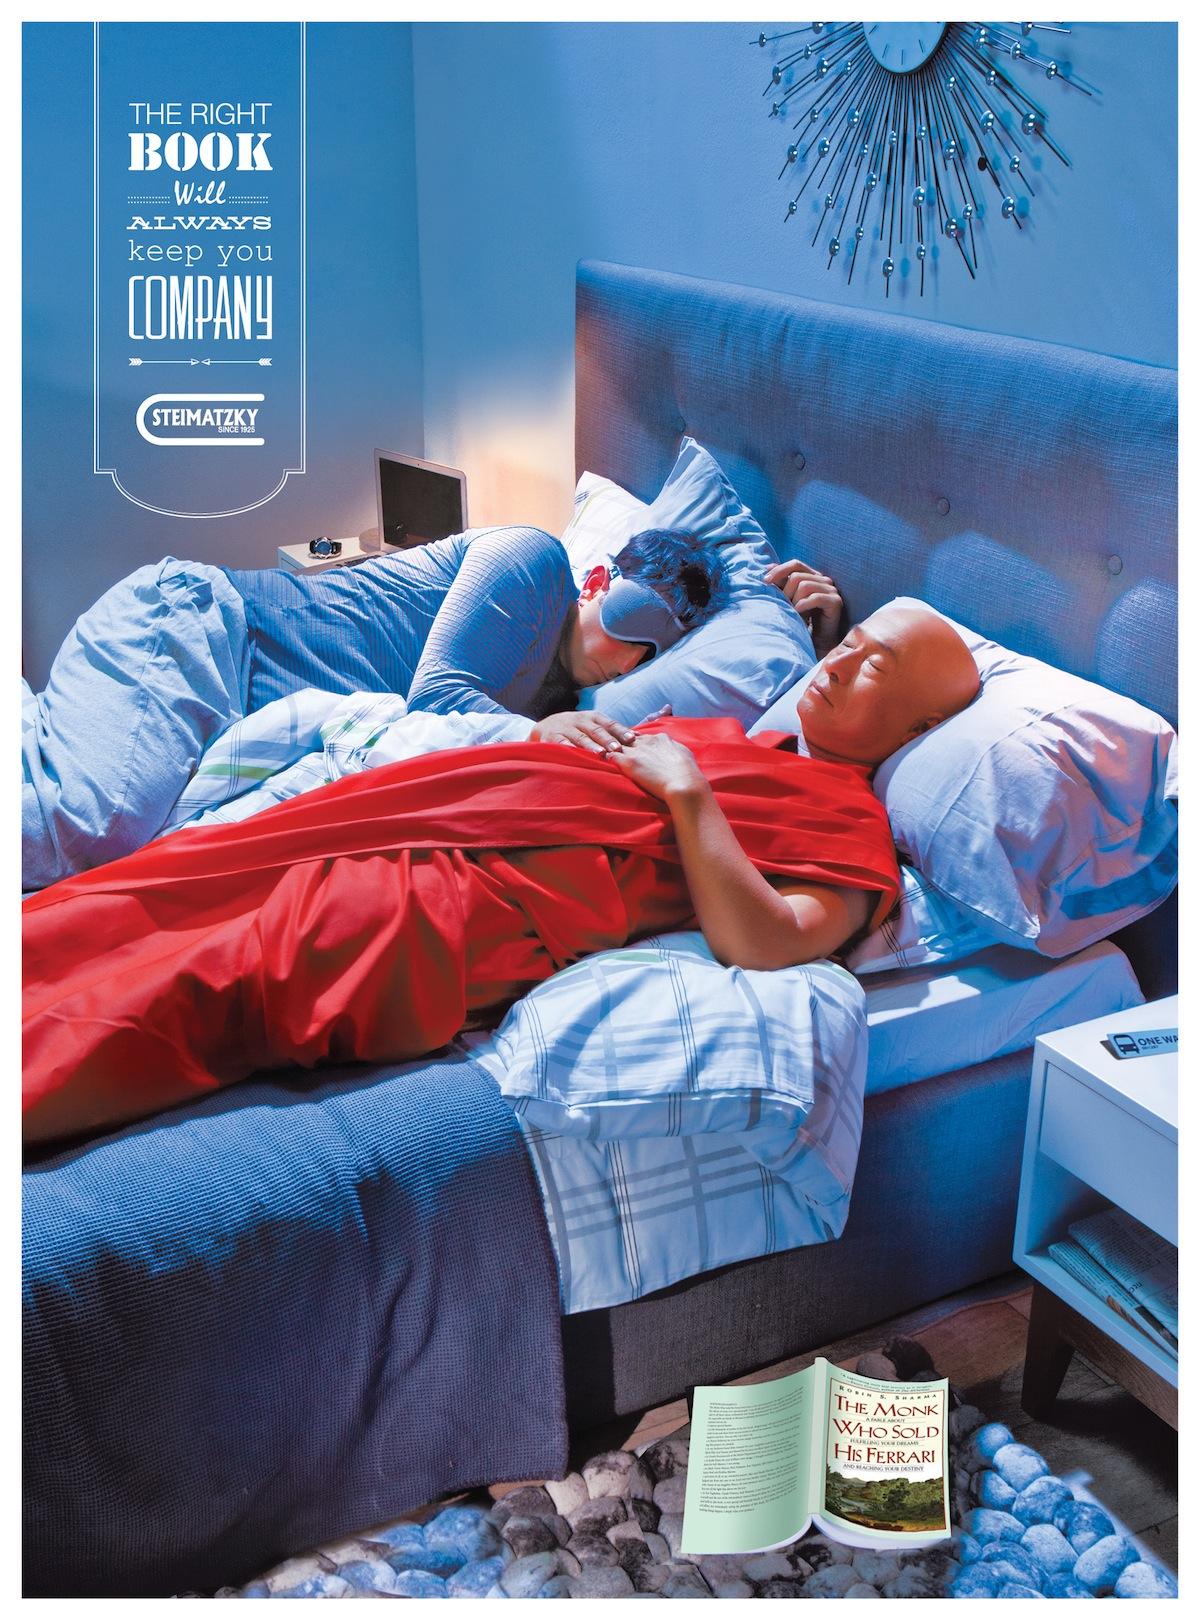 Steimatzky ad campaign The Monk Who Sold His Ferrari